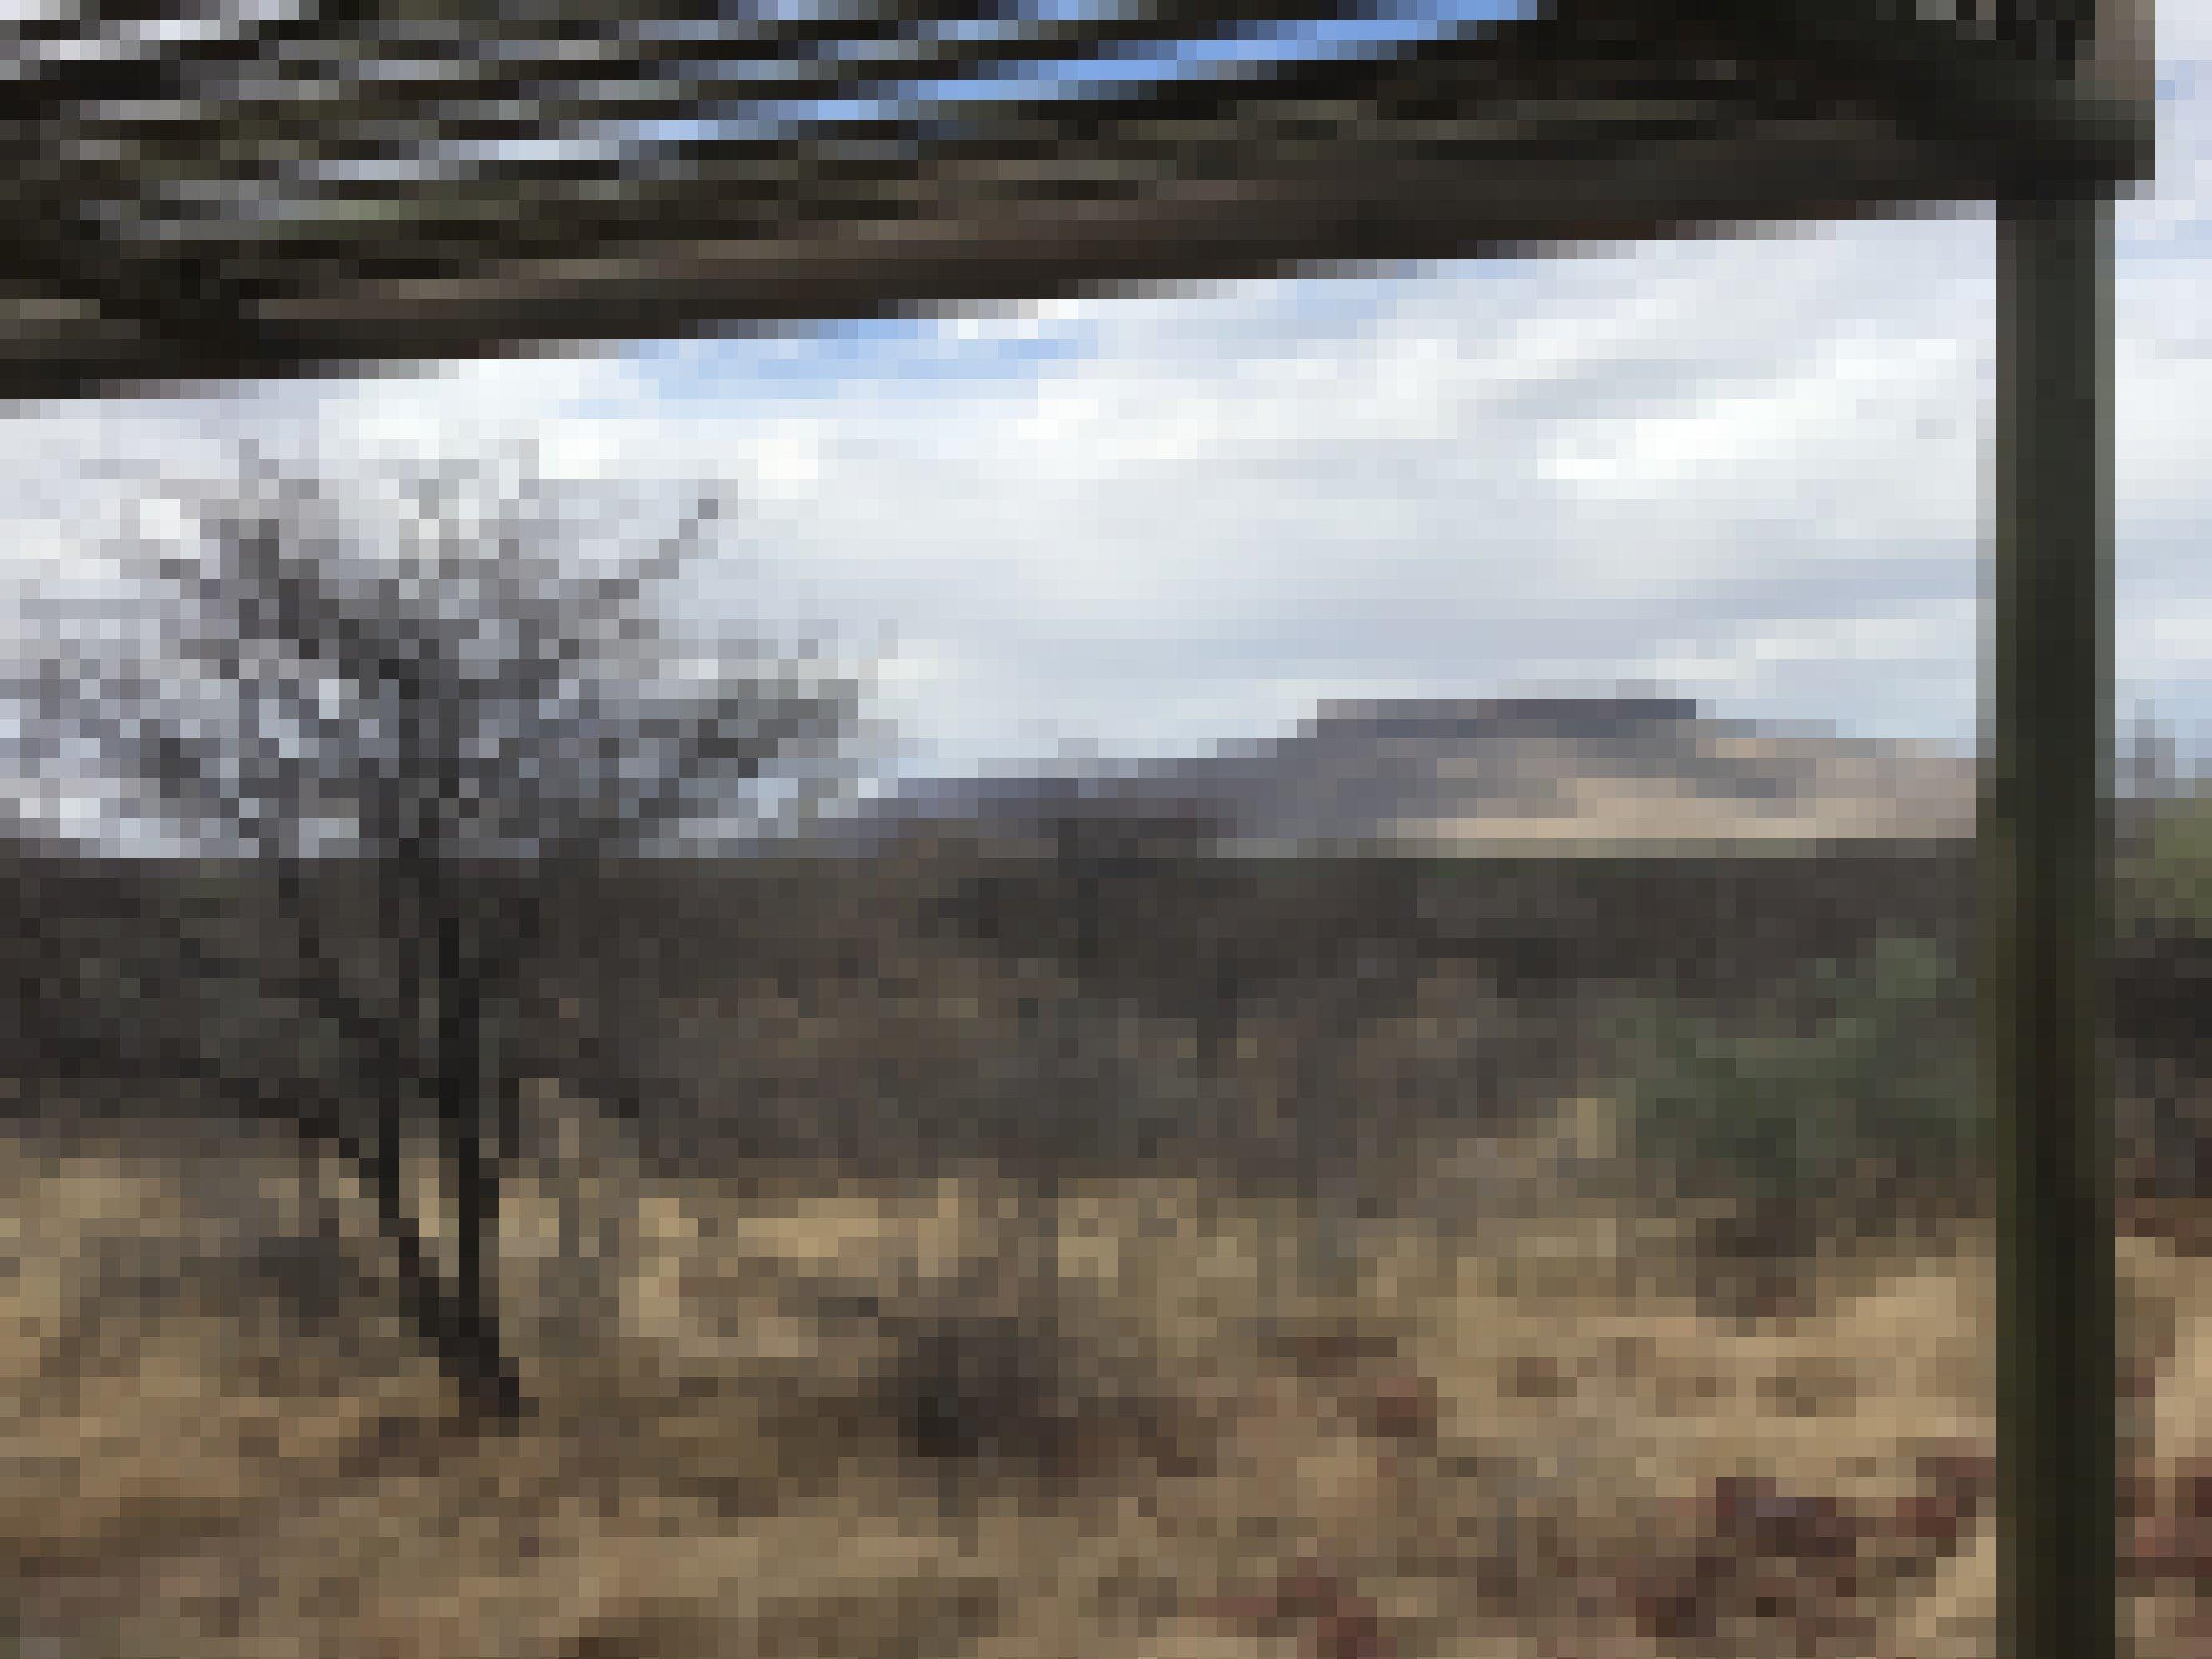 Von der Veranda der Lodge ist nur ein Teil des Holzdaches zu sehen, Blick über die weite Buschandschaf auf den Waterberg